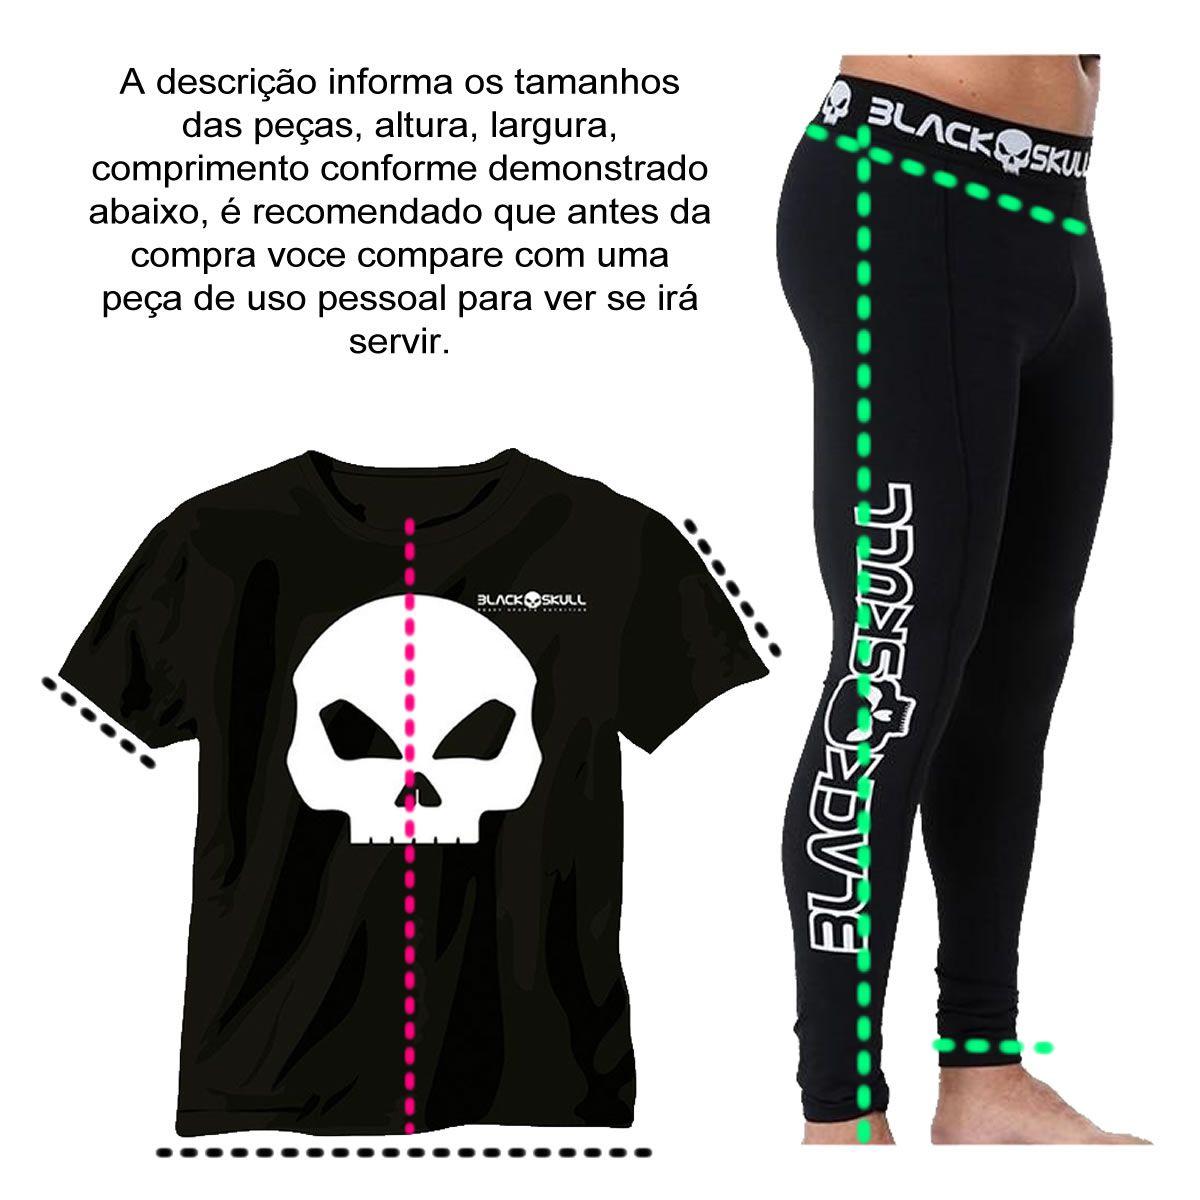 Casaco Skull Feminino Preto - Black Skull